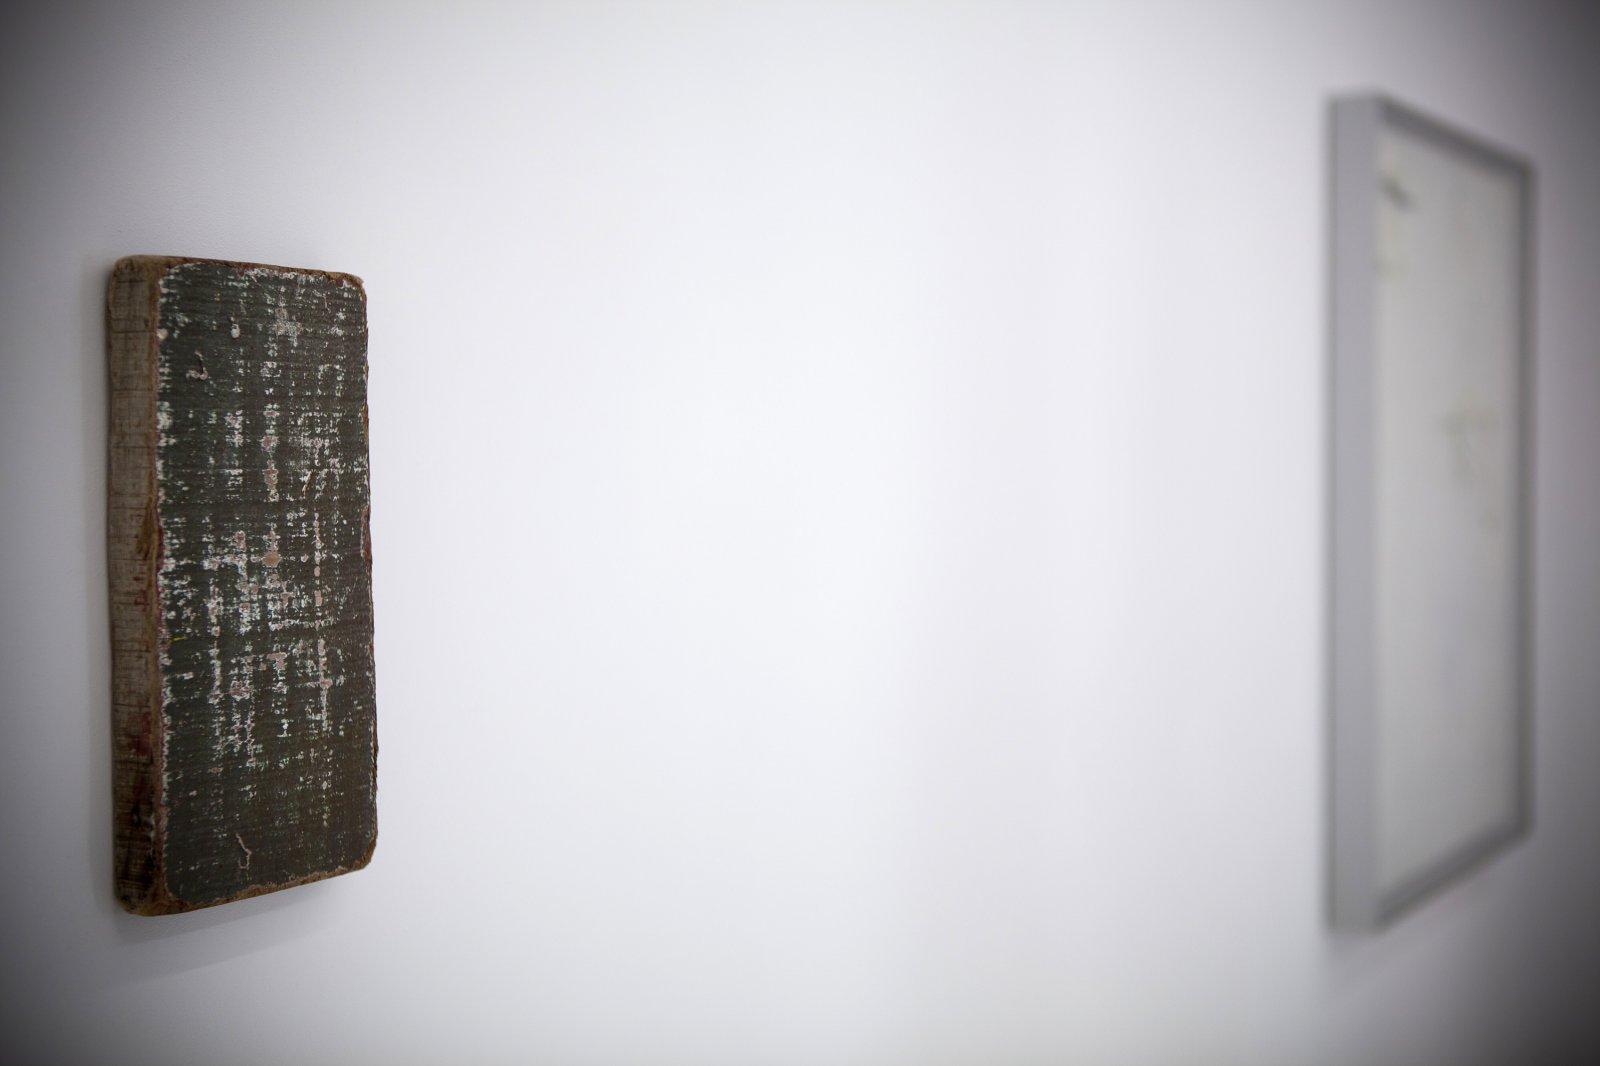 Galería Louis 21. 'Sobre El Muro'. Teo Soriano